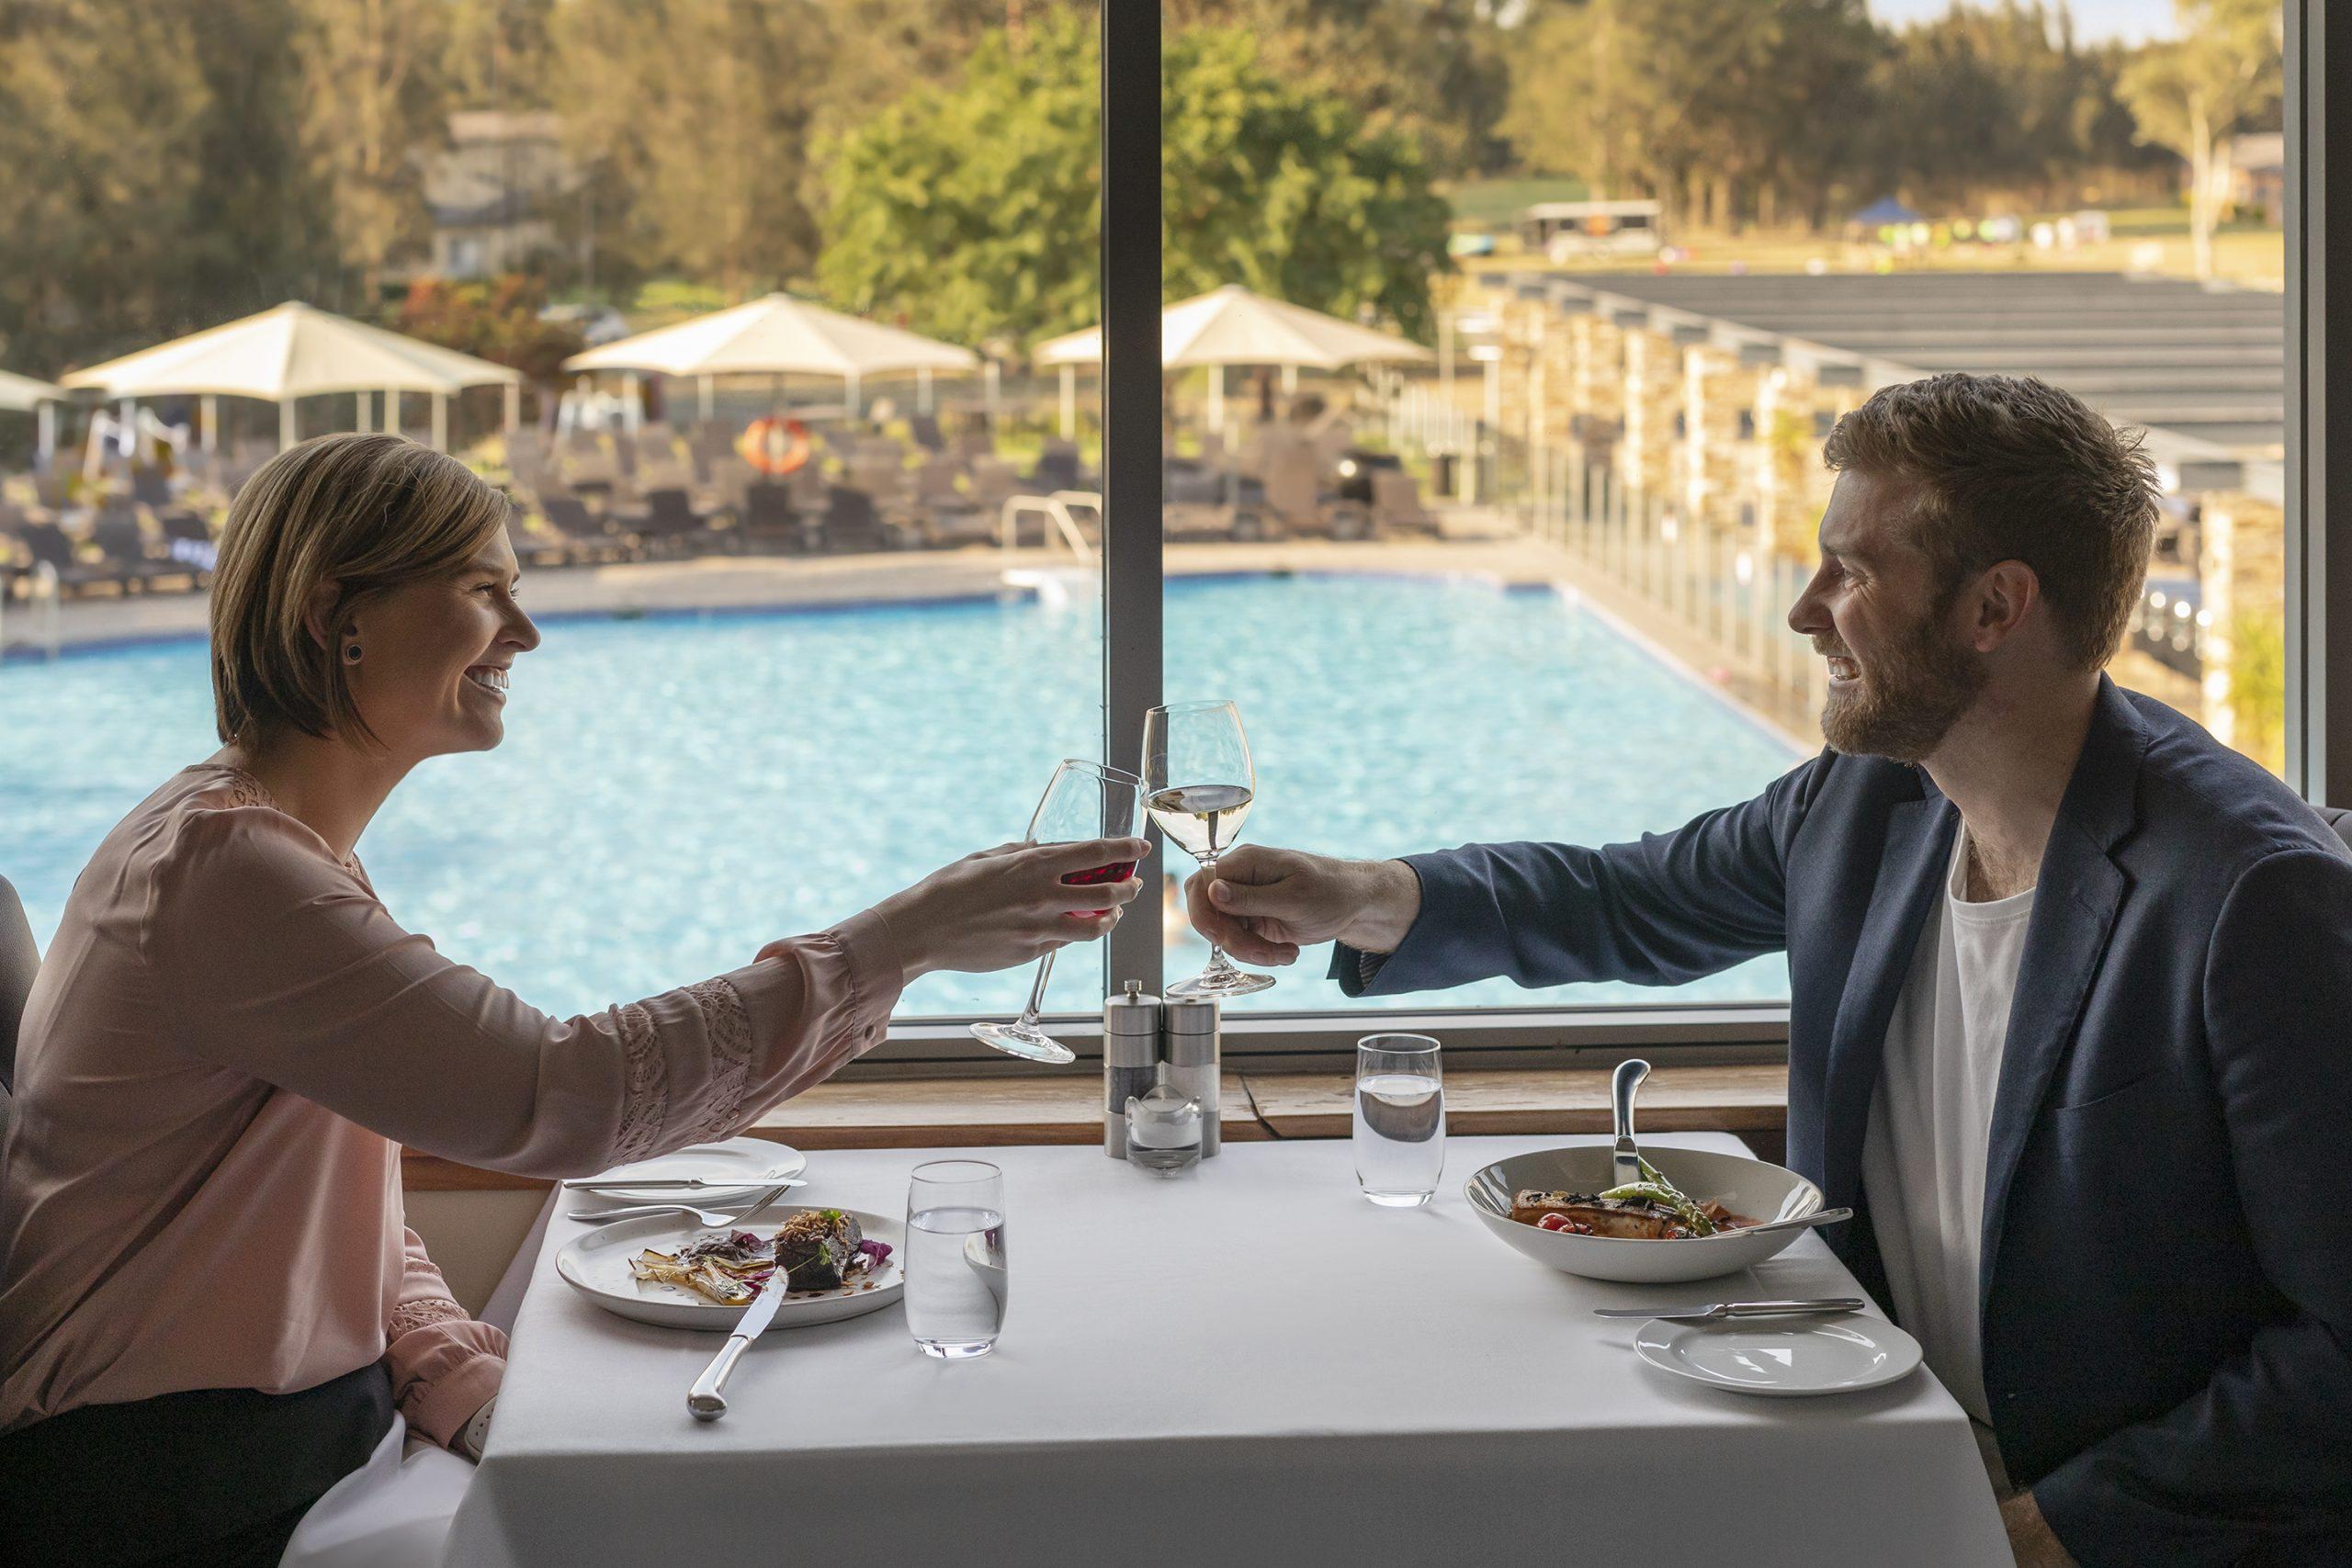 Redsalt Restaurant | Valentine's Day Dinner